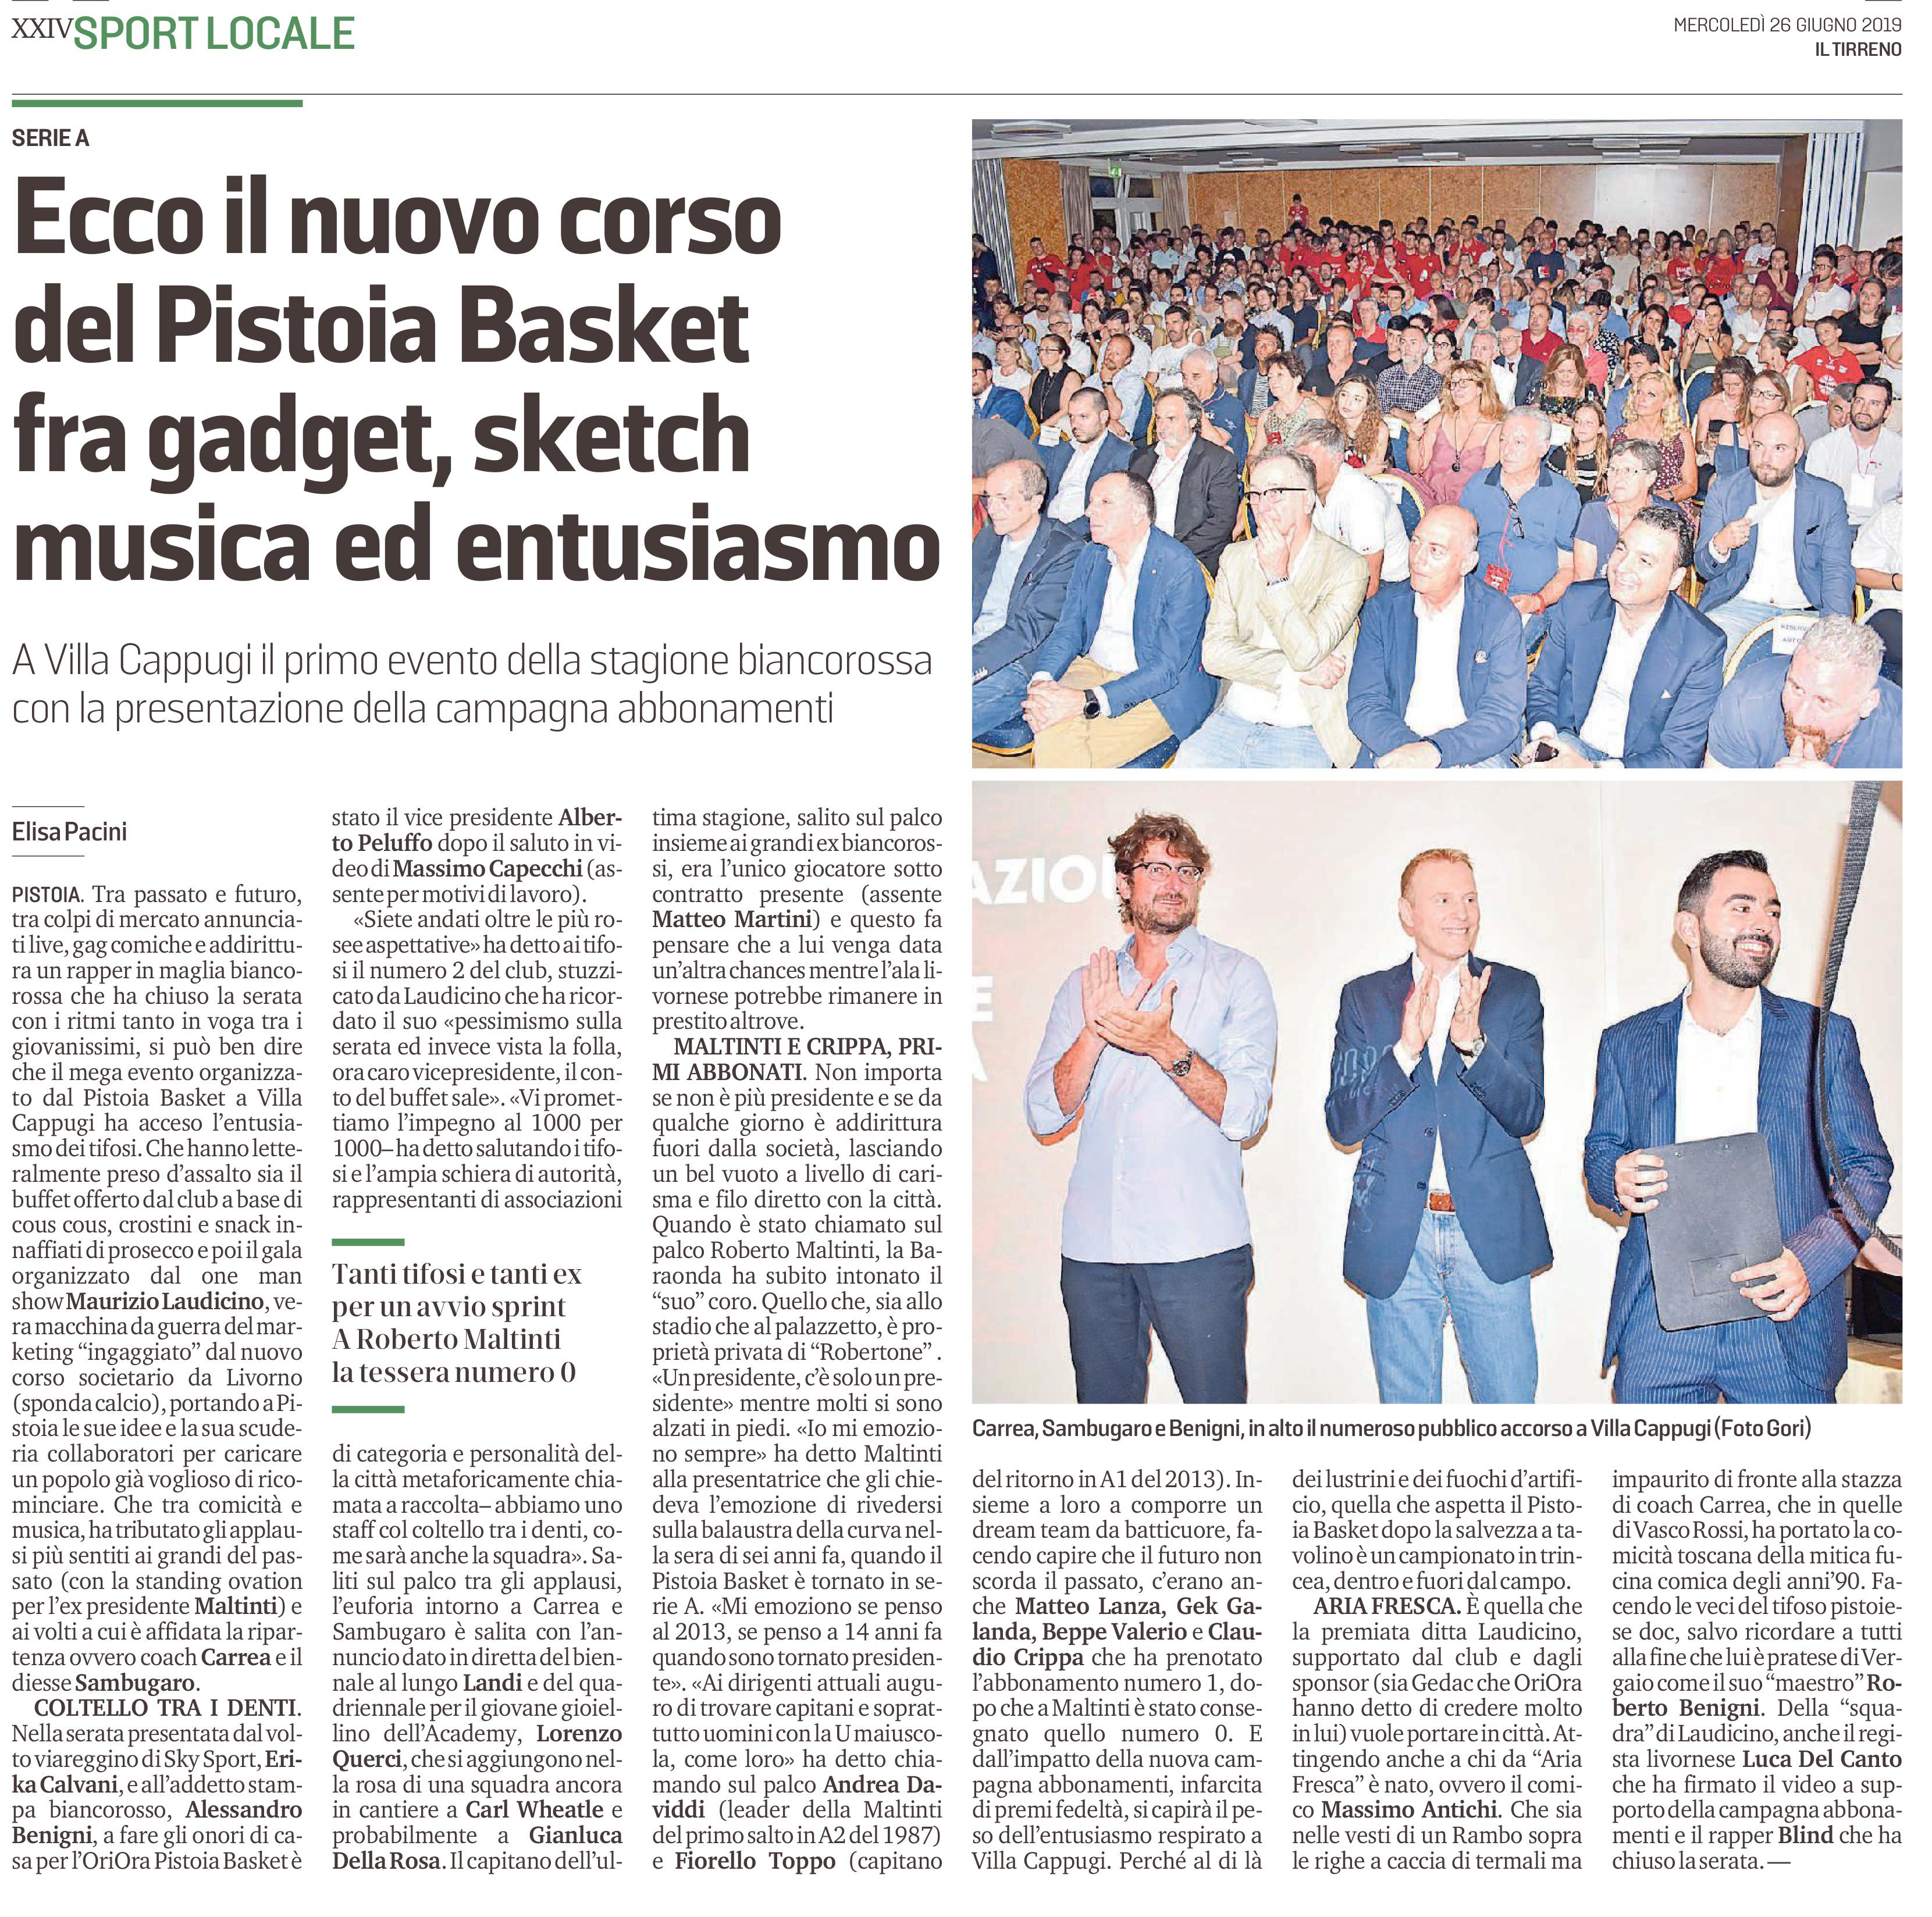 Ecco il nuovo corso del Pistoia Basket – Il Tirreno, 26 giugno 2019